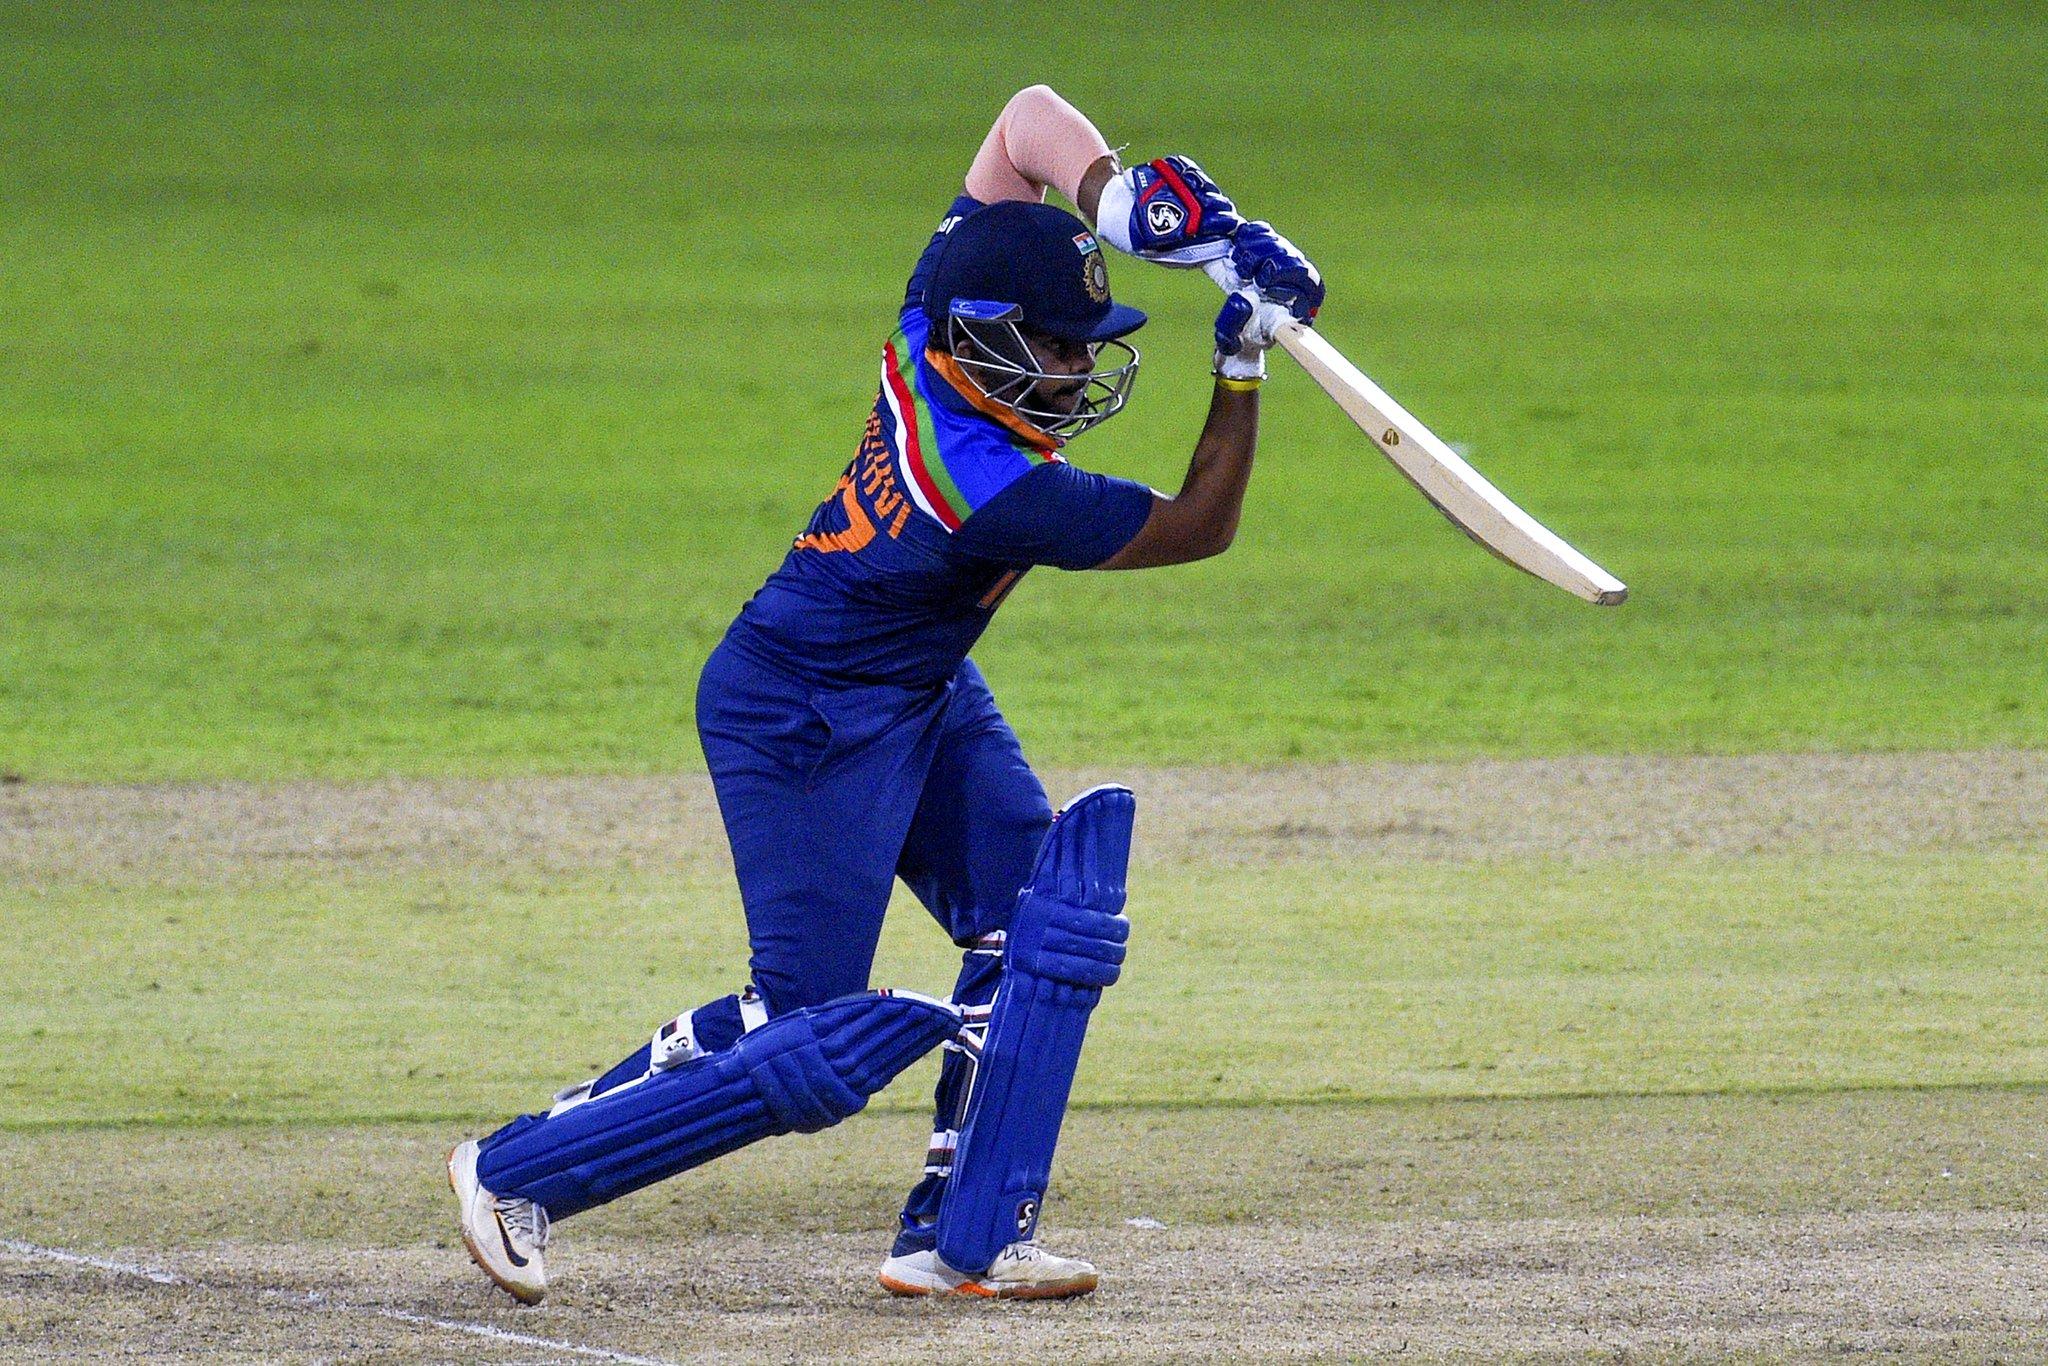 पृथ्वी शॉ ने टीम इंडिया को तेज शुरुआत दी। उन्होंने 24 बॉल पर 43 रन की पारी के दौरान क्लासिक शॉट्स लगाए। इसके लिए उन्हें मैन ऑफ द मैच अवॉर्ड से नवाजा गया।